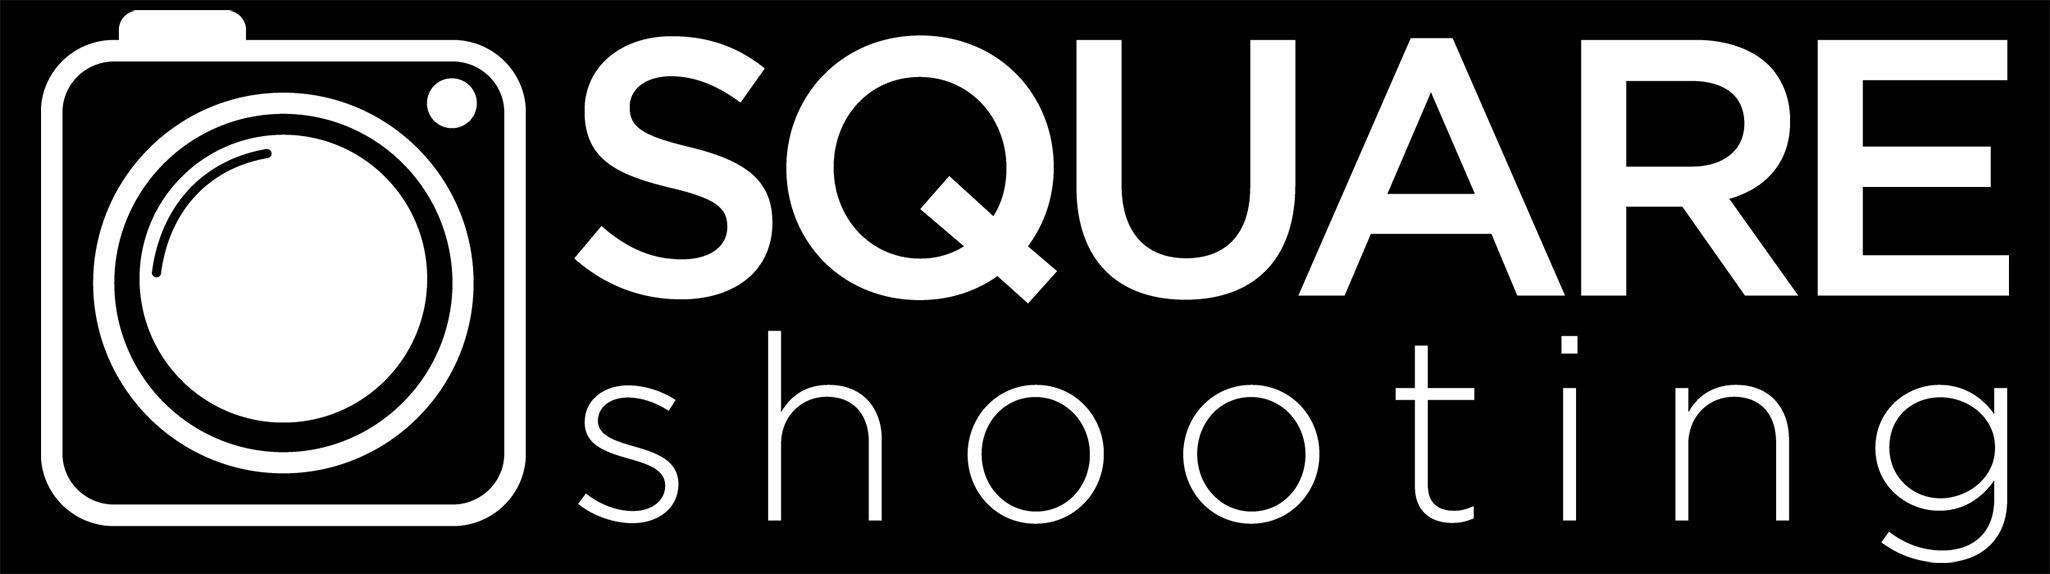 Square Shooting